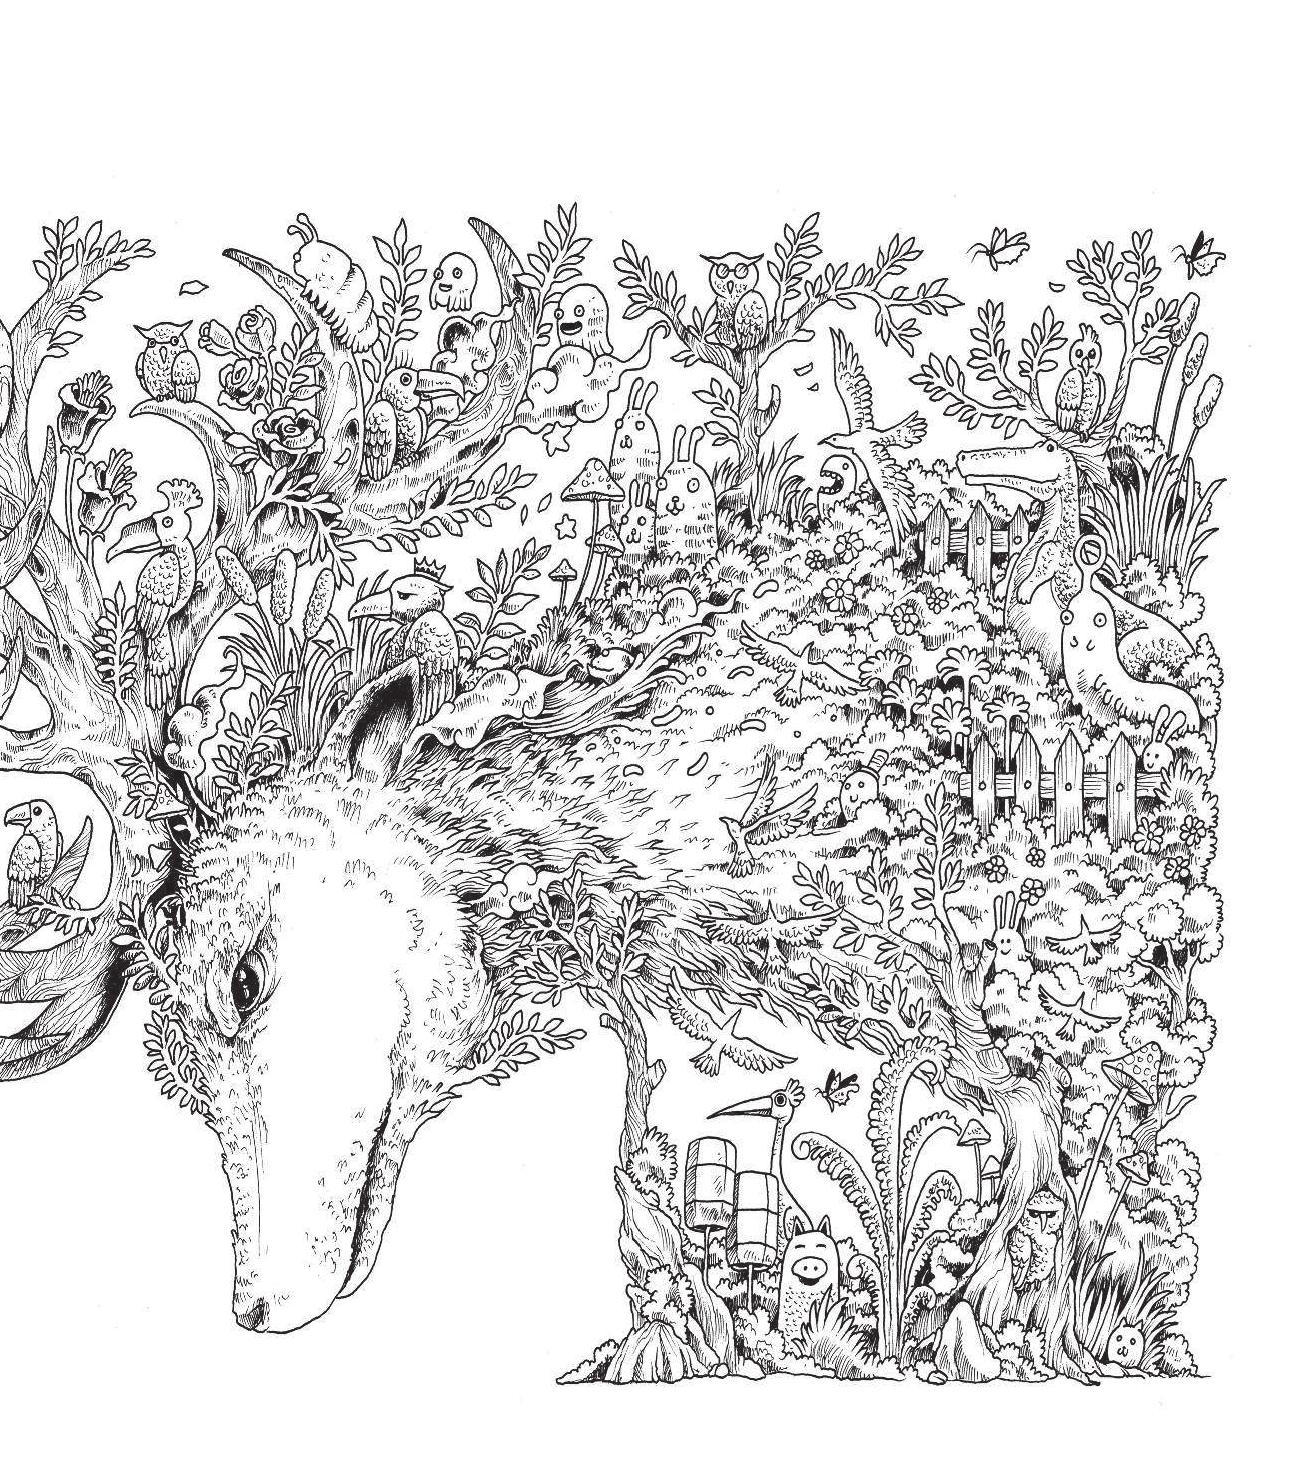 Рисунок из маленьких деталей